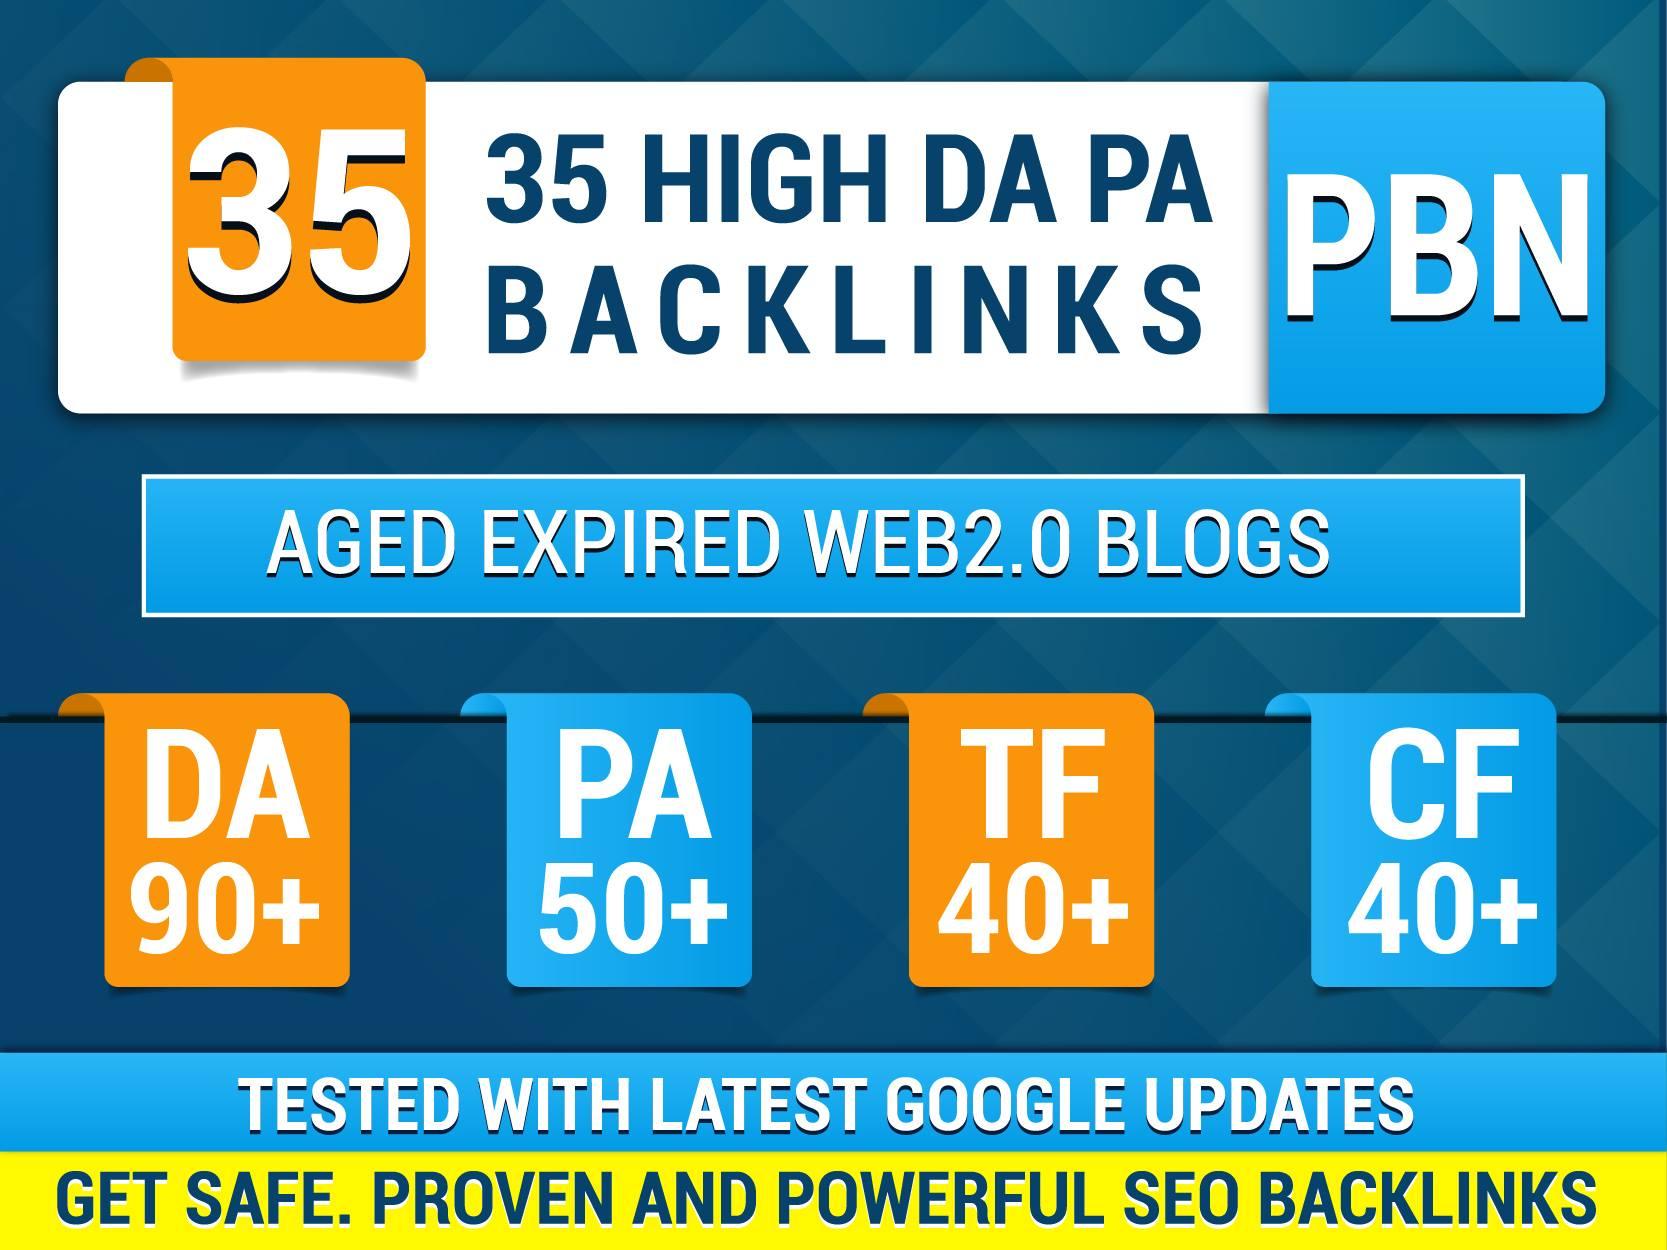 Post 35 Pbn Web2 Aged Domain High Da Pa